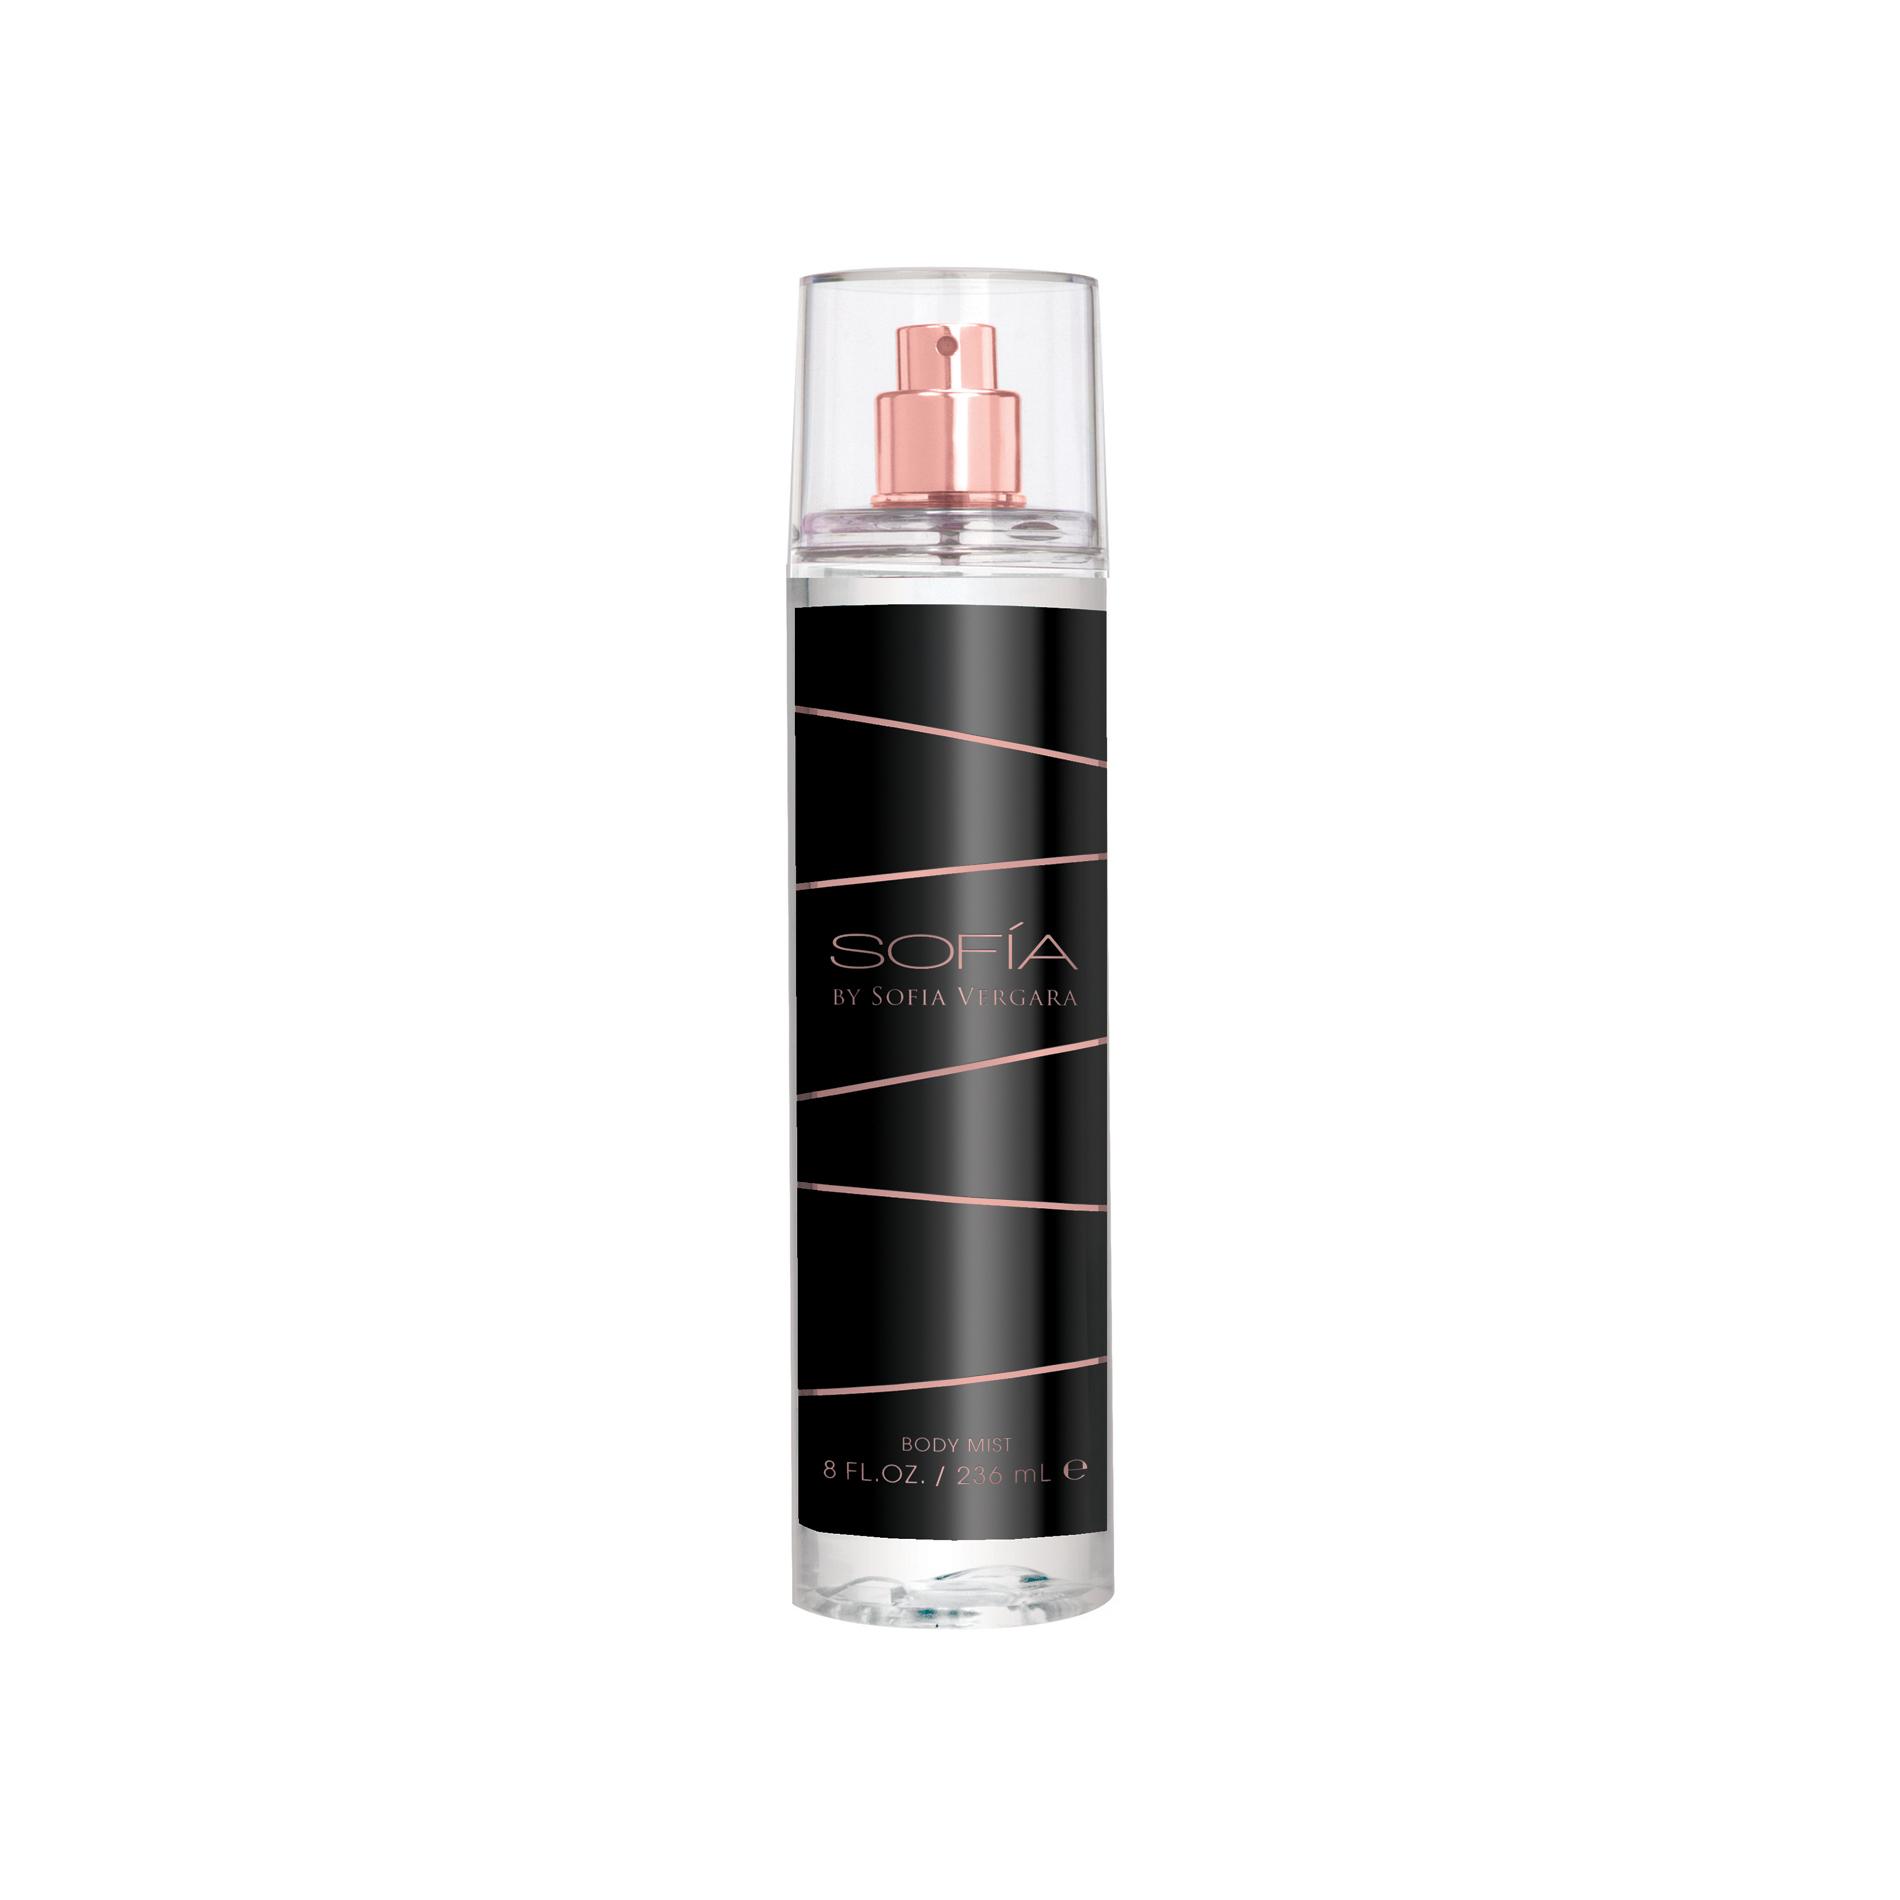 Sofia by Sofia Vergara Body Spray 8.0oz - Quality King